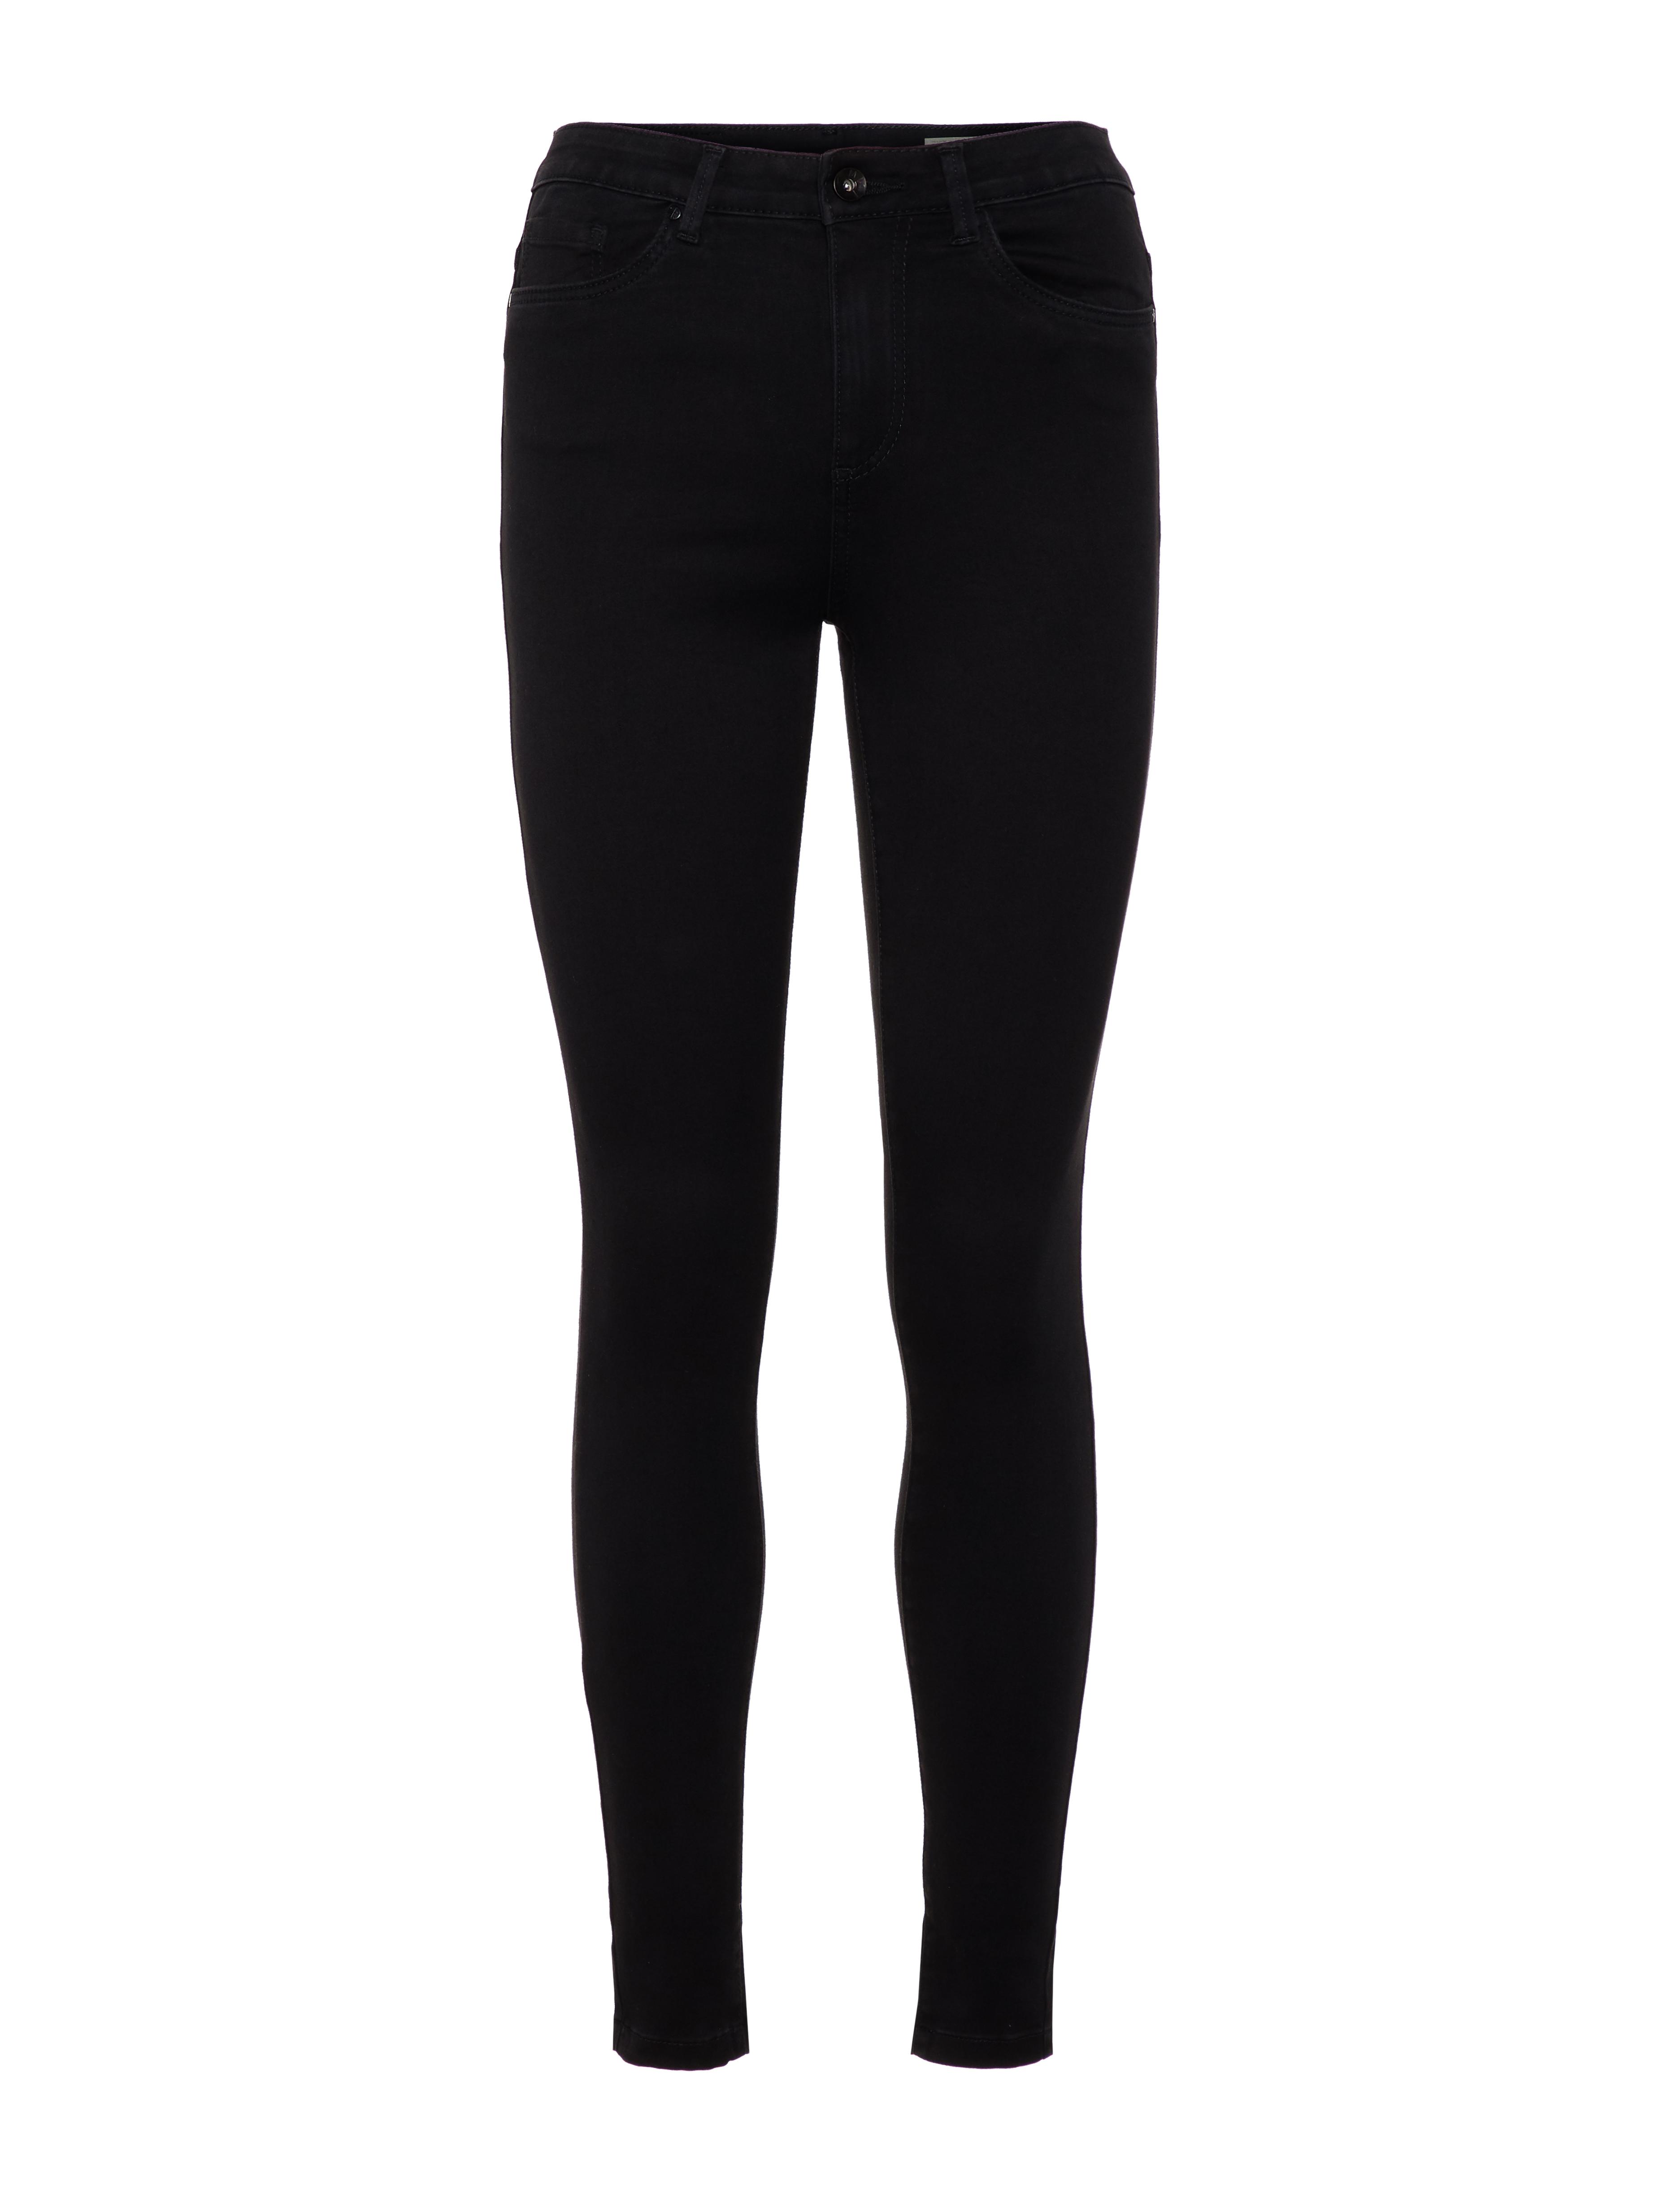 Vero Moda Sophia højtaljede bukser skinny fit, black, x-large/34